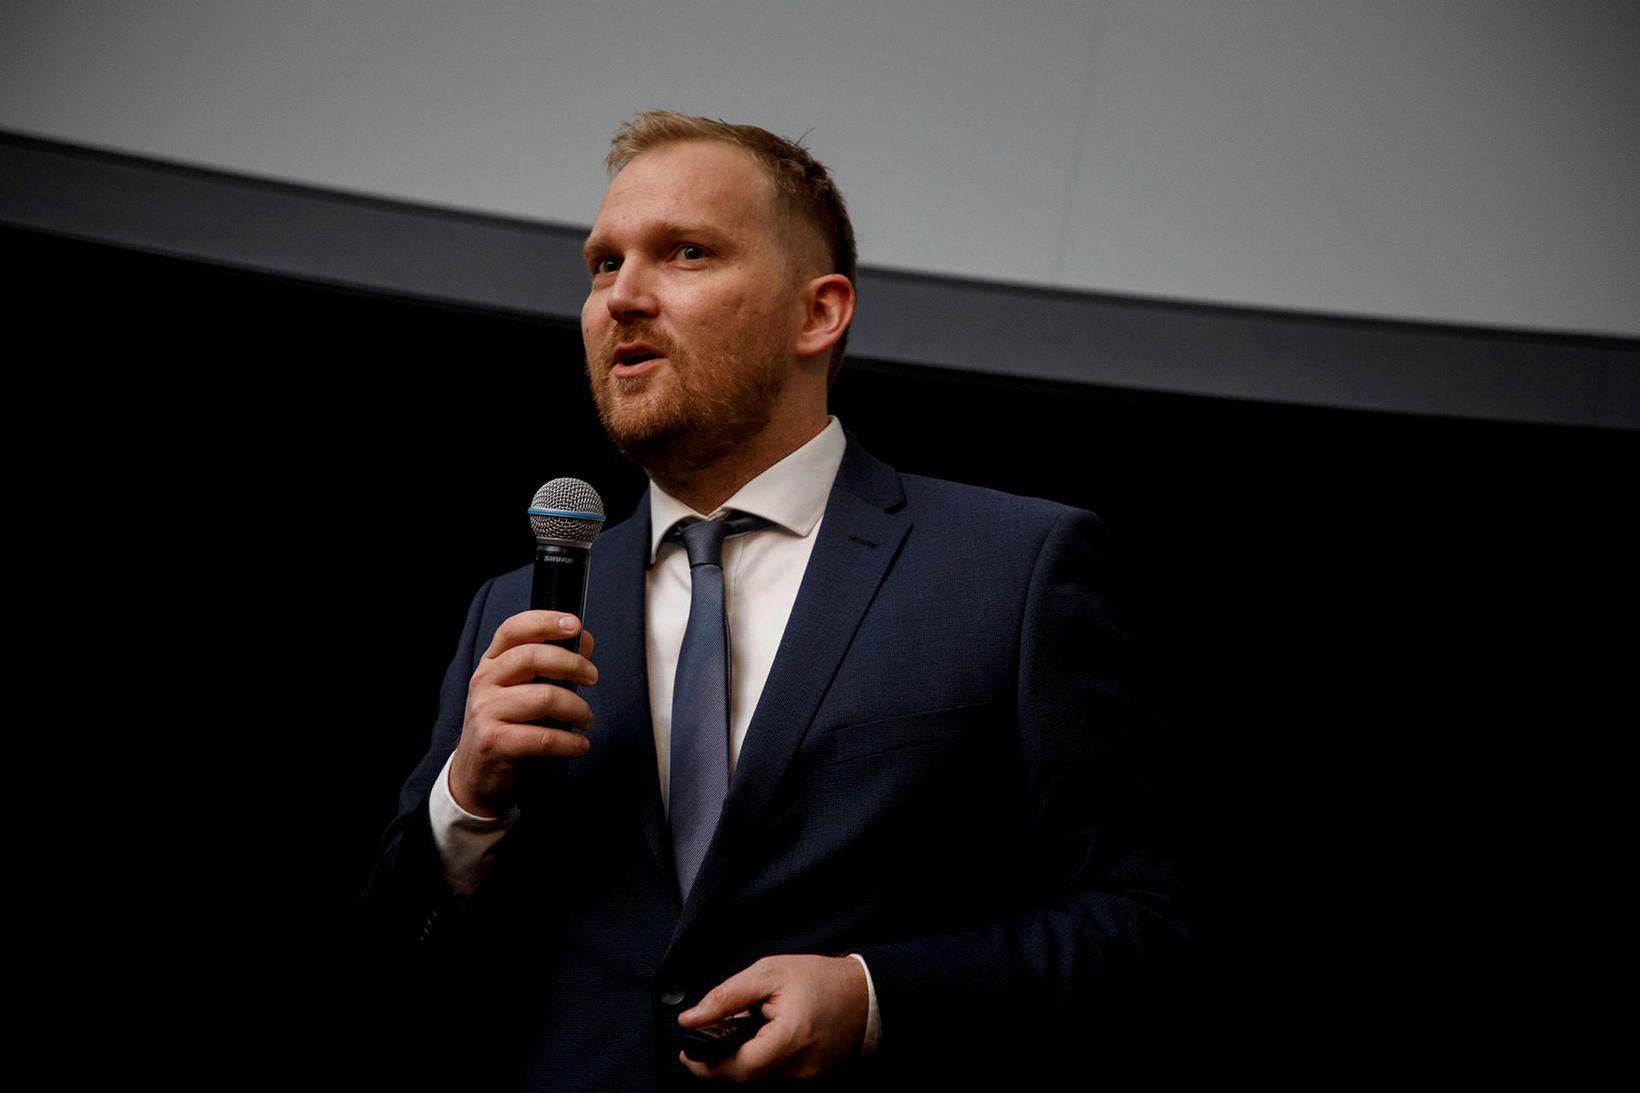 Arnar Már Magnússon forstjóri Play.